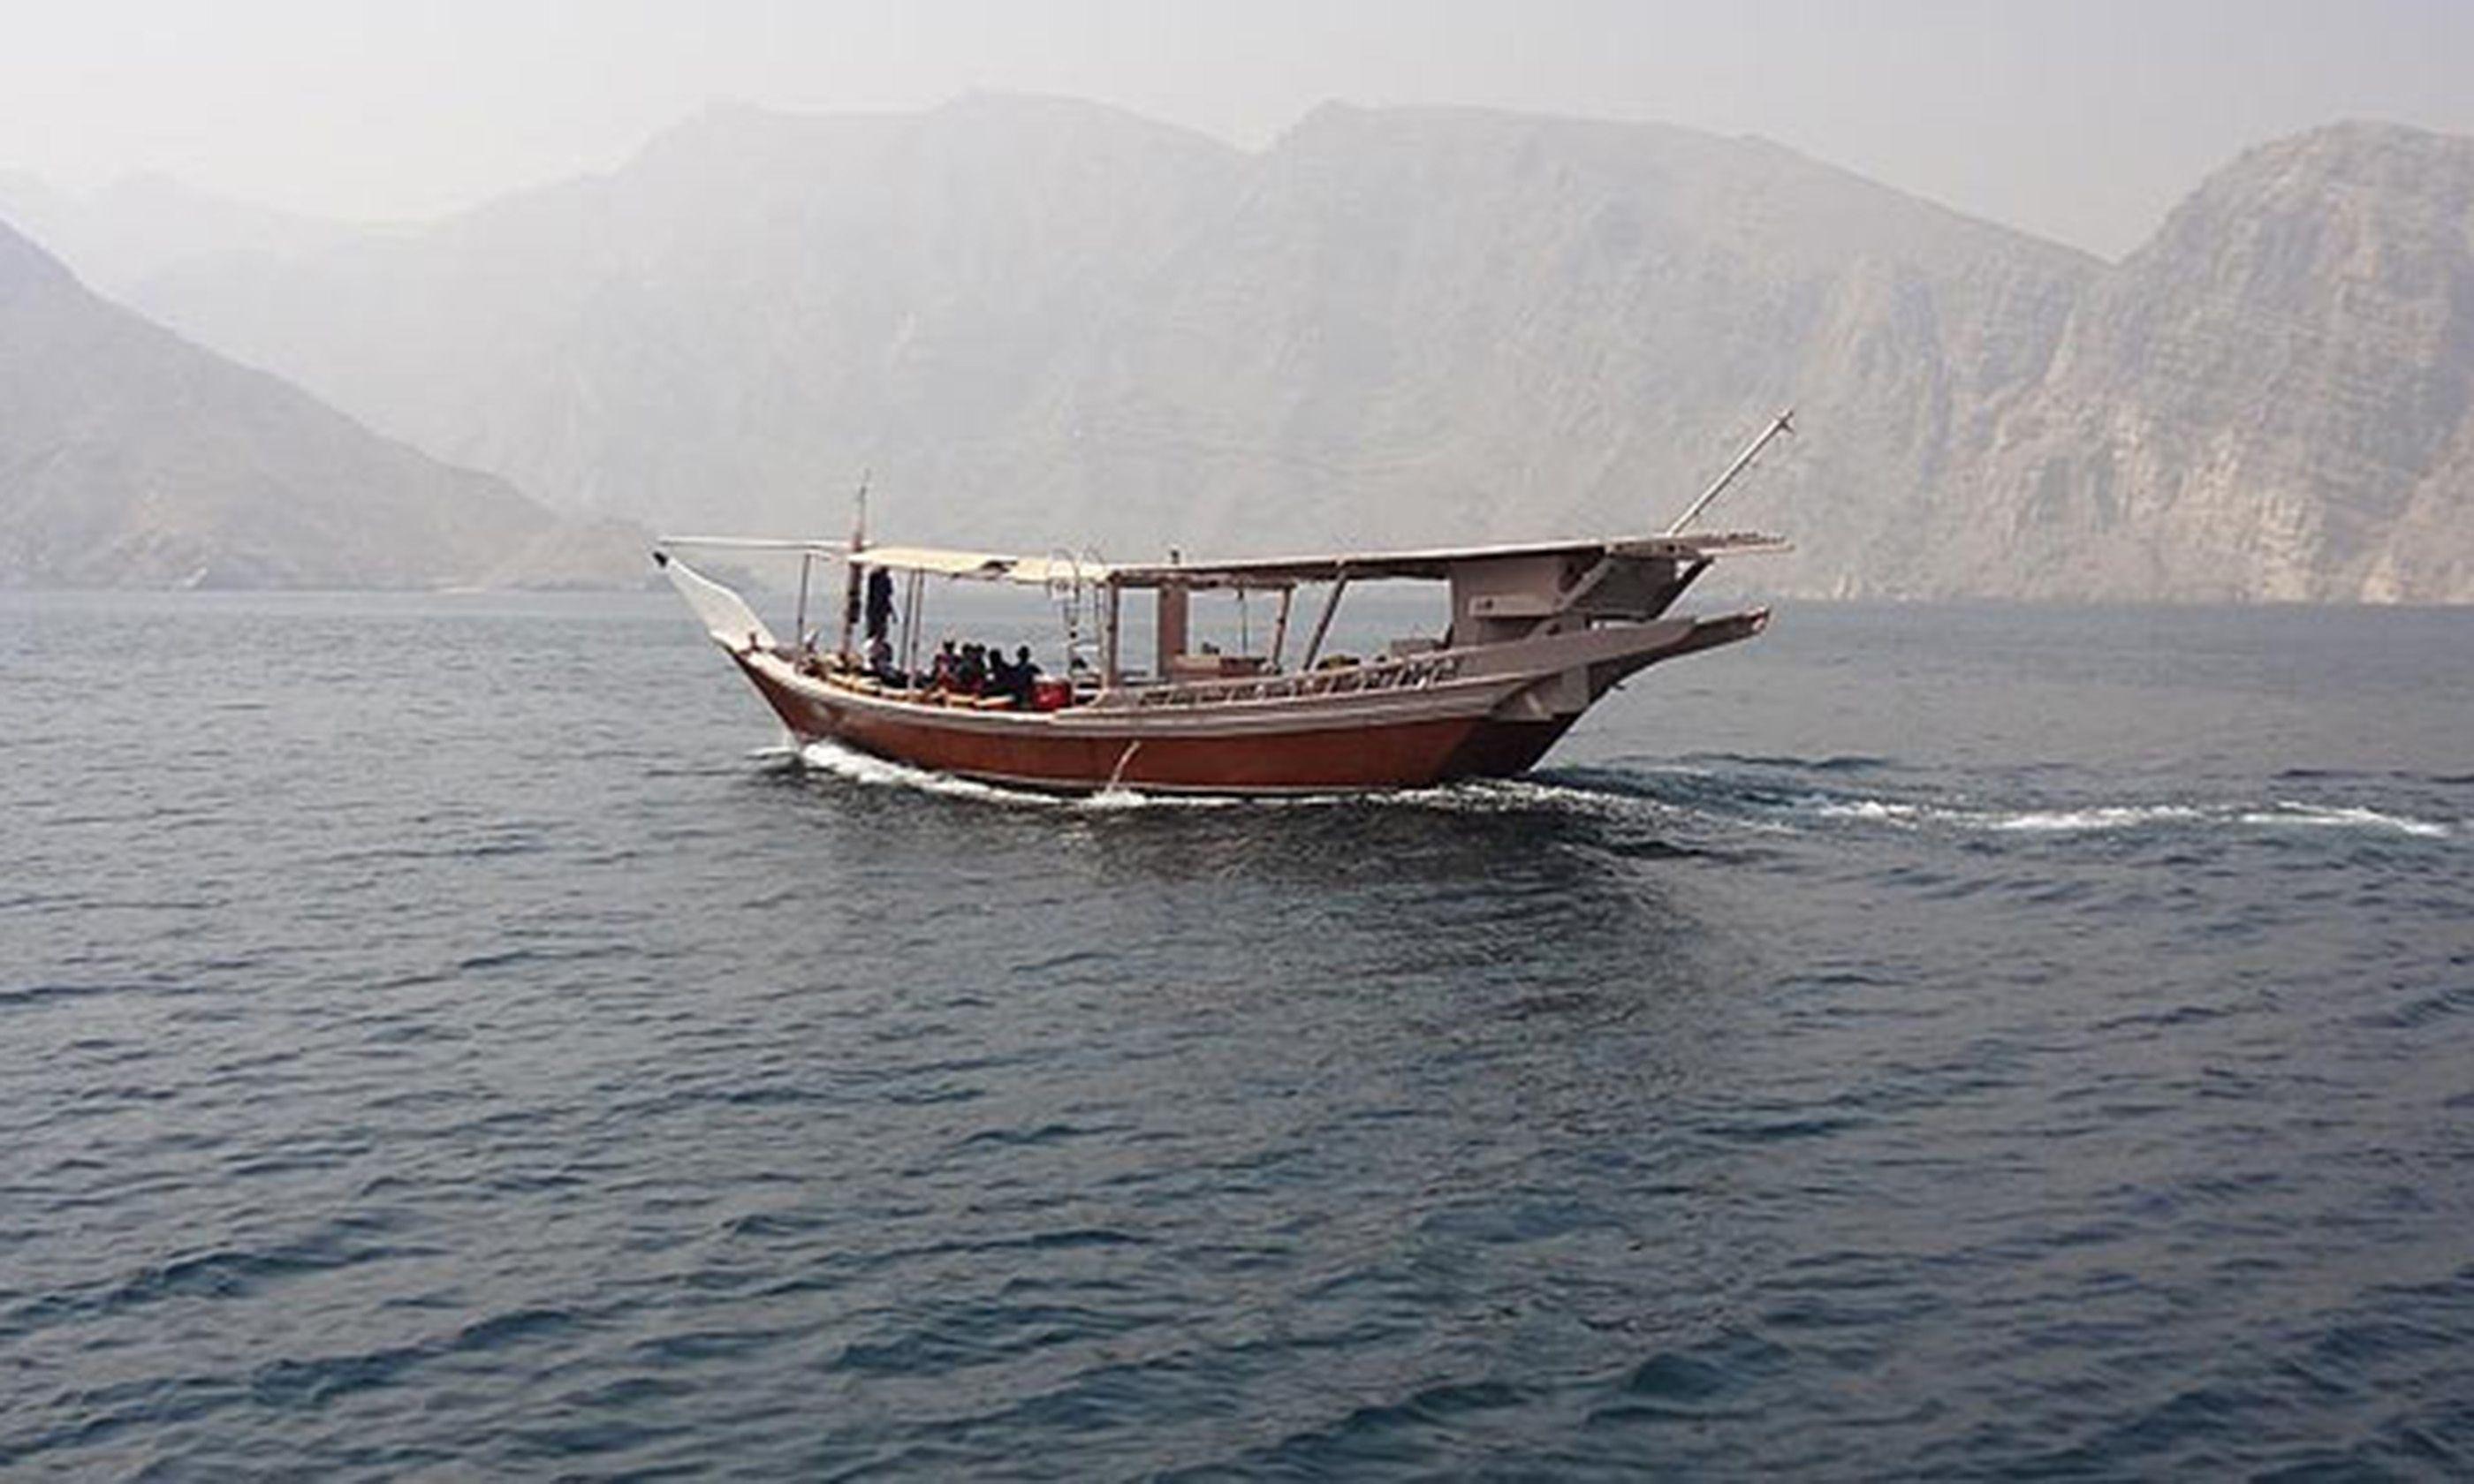 Ras Musandam Fjords (Joāo Leitão)